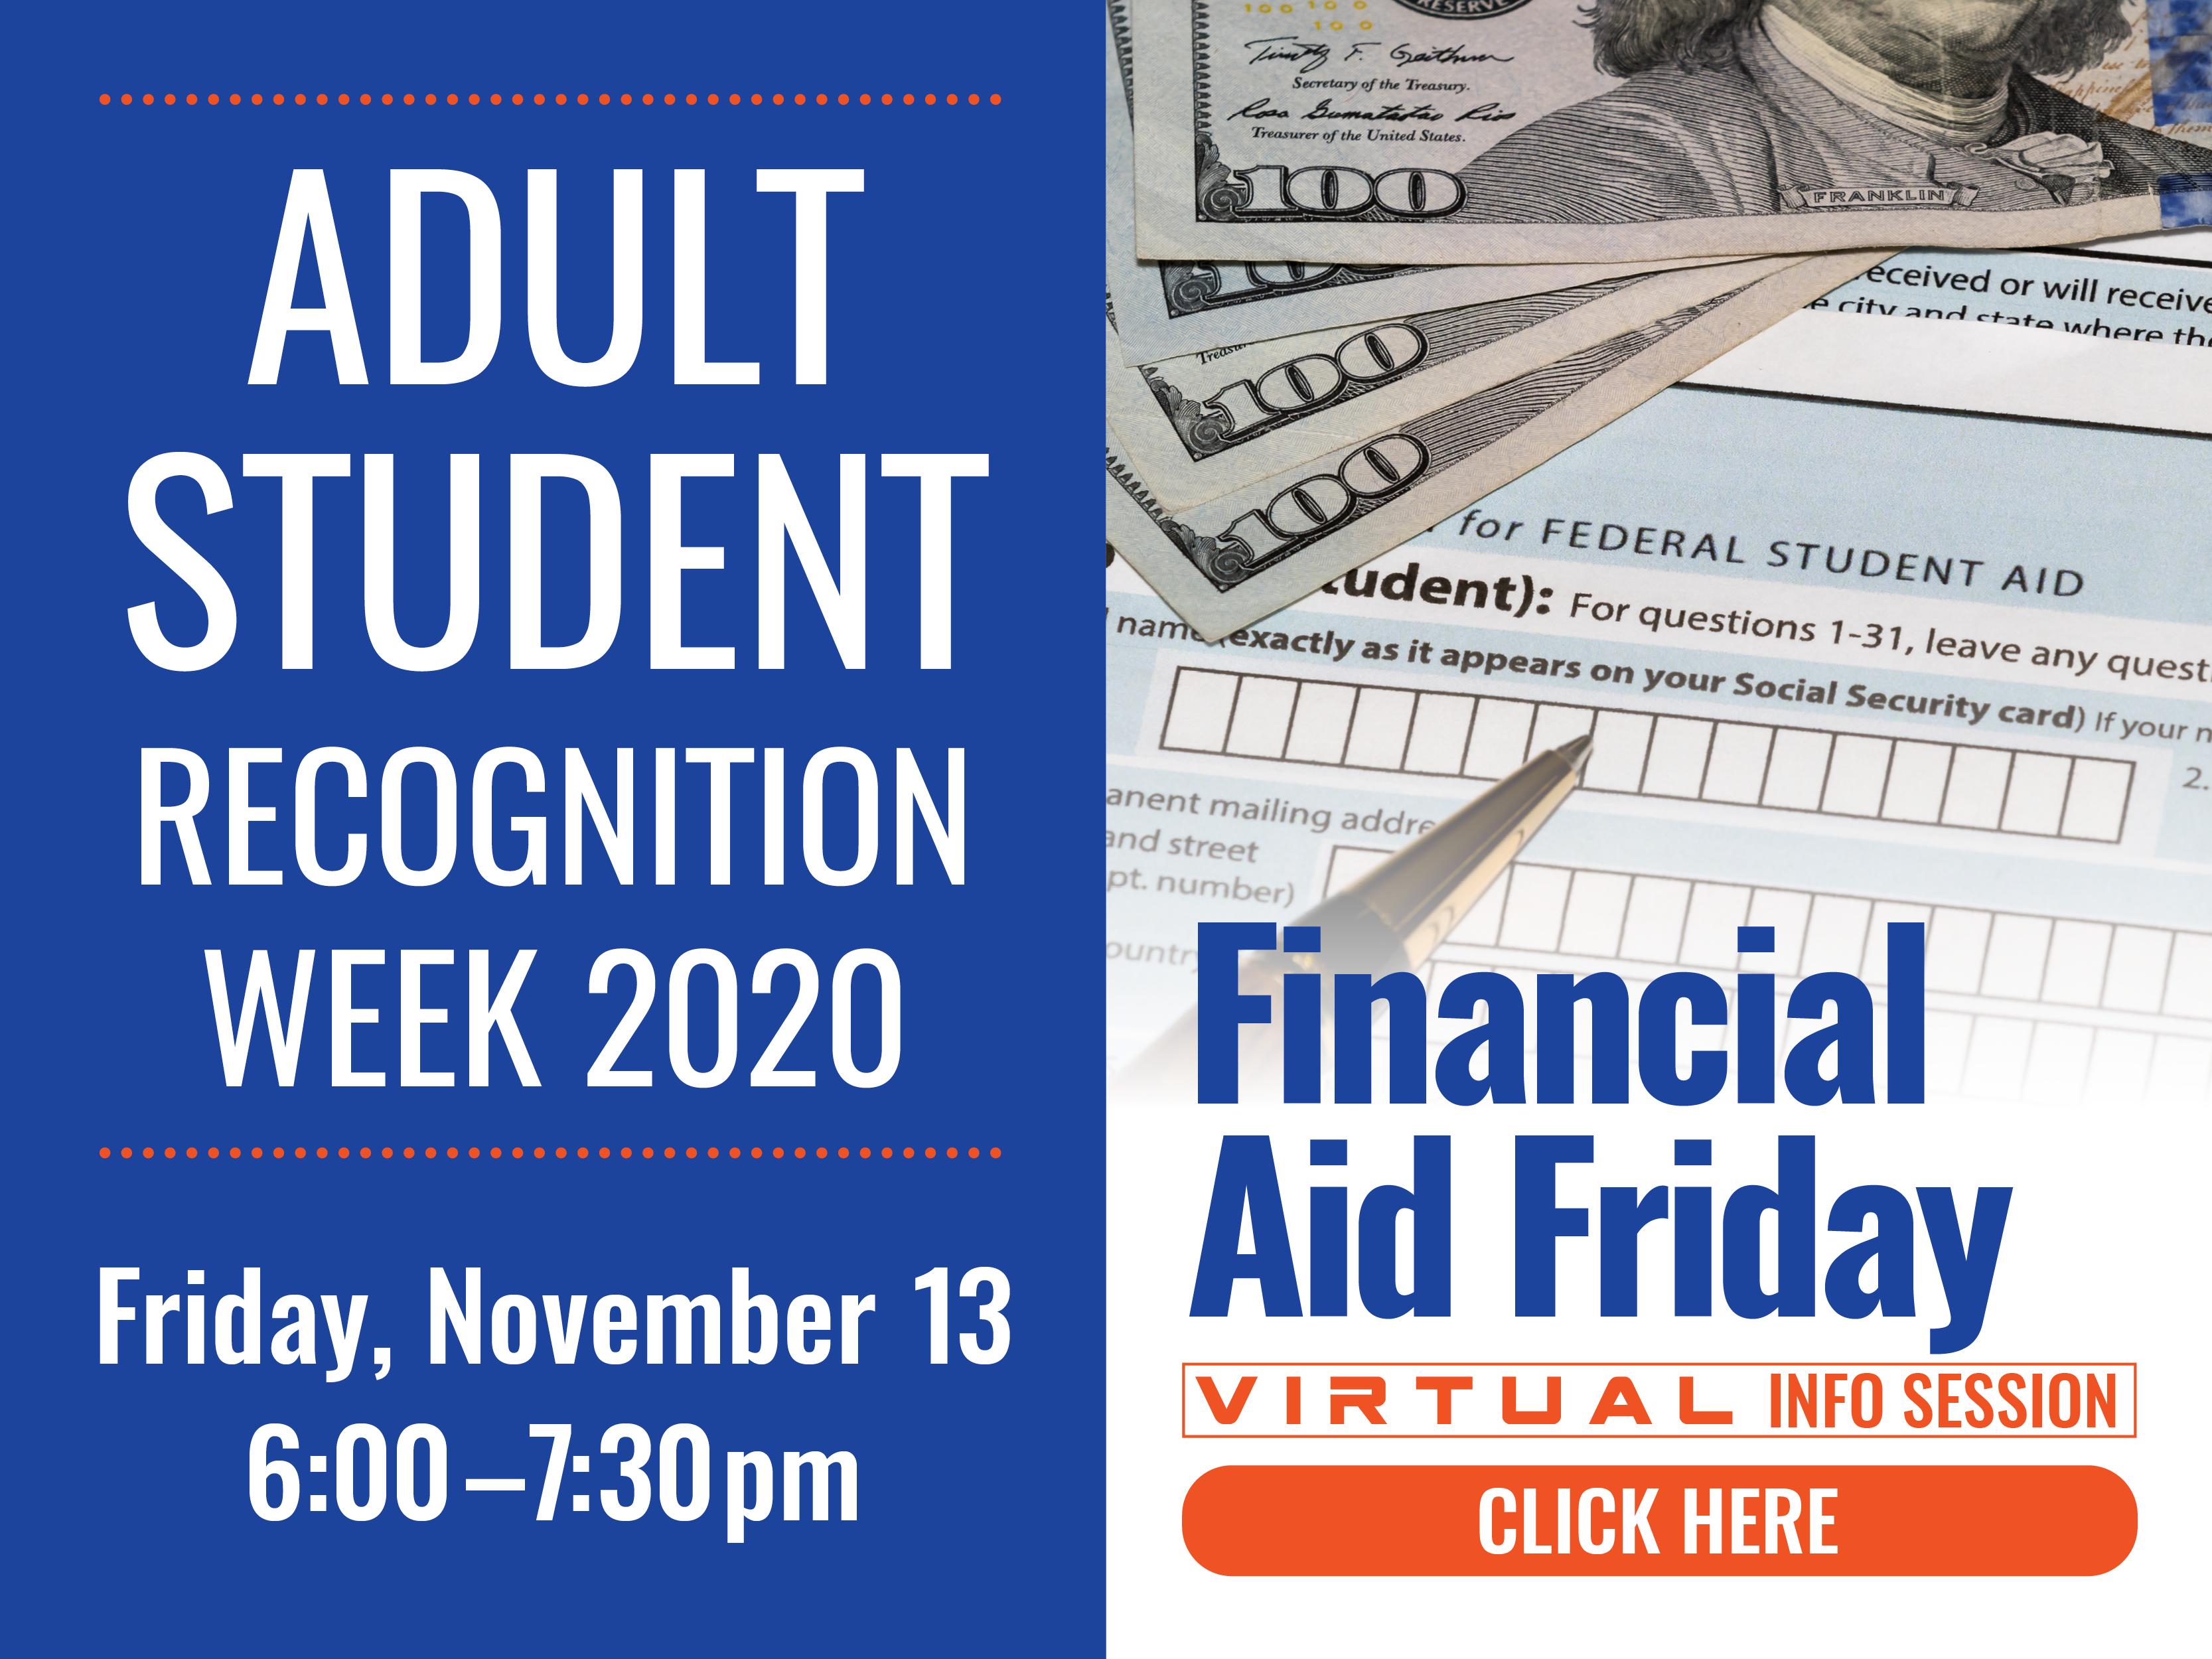 Financial Aid Friday